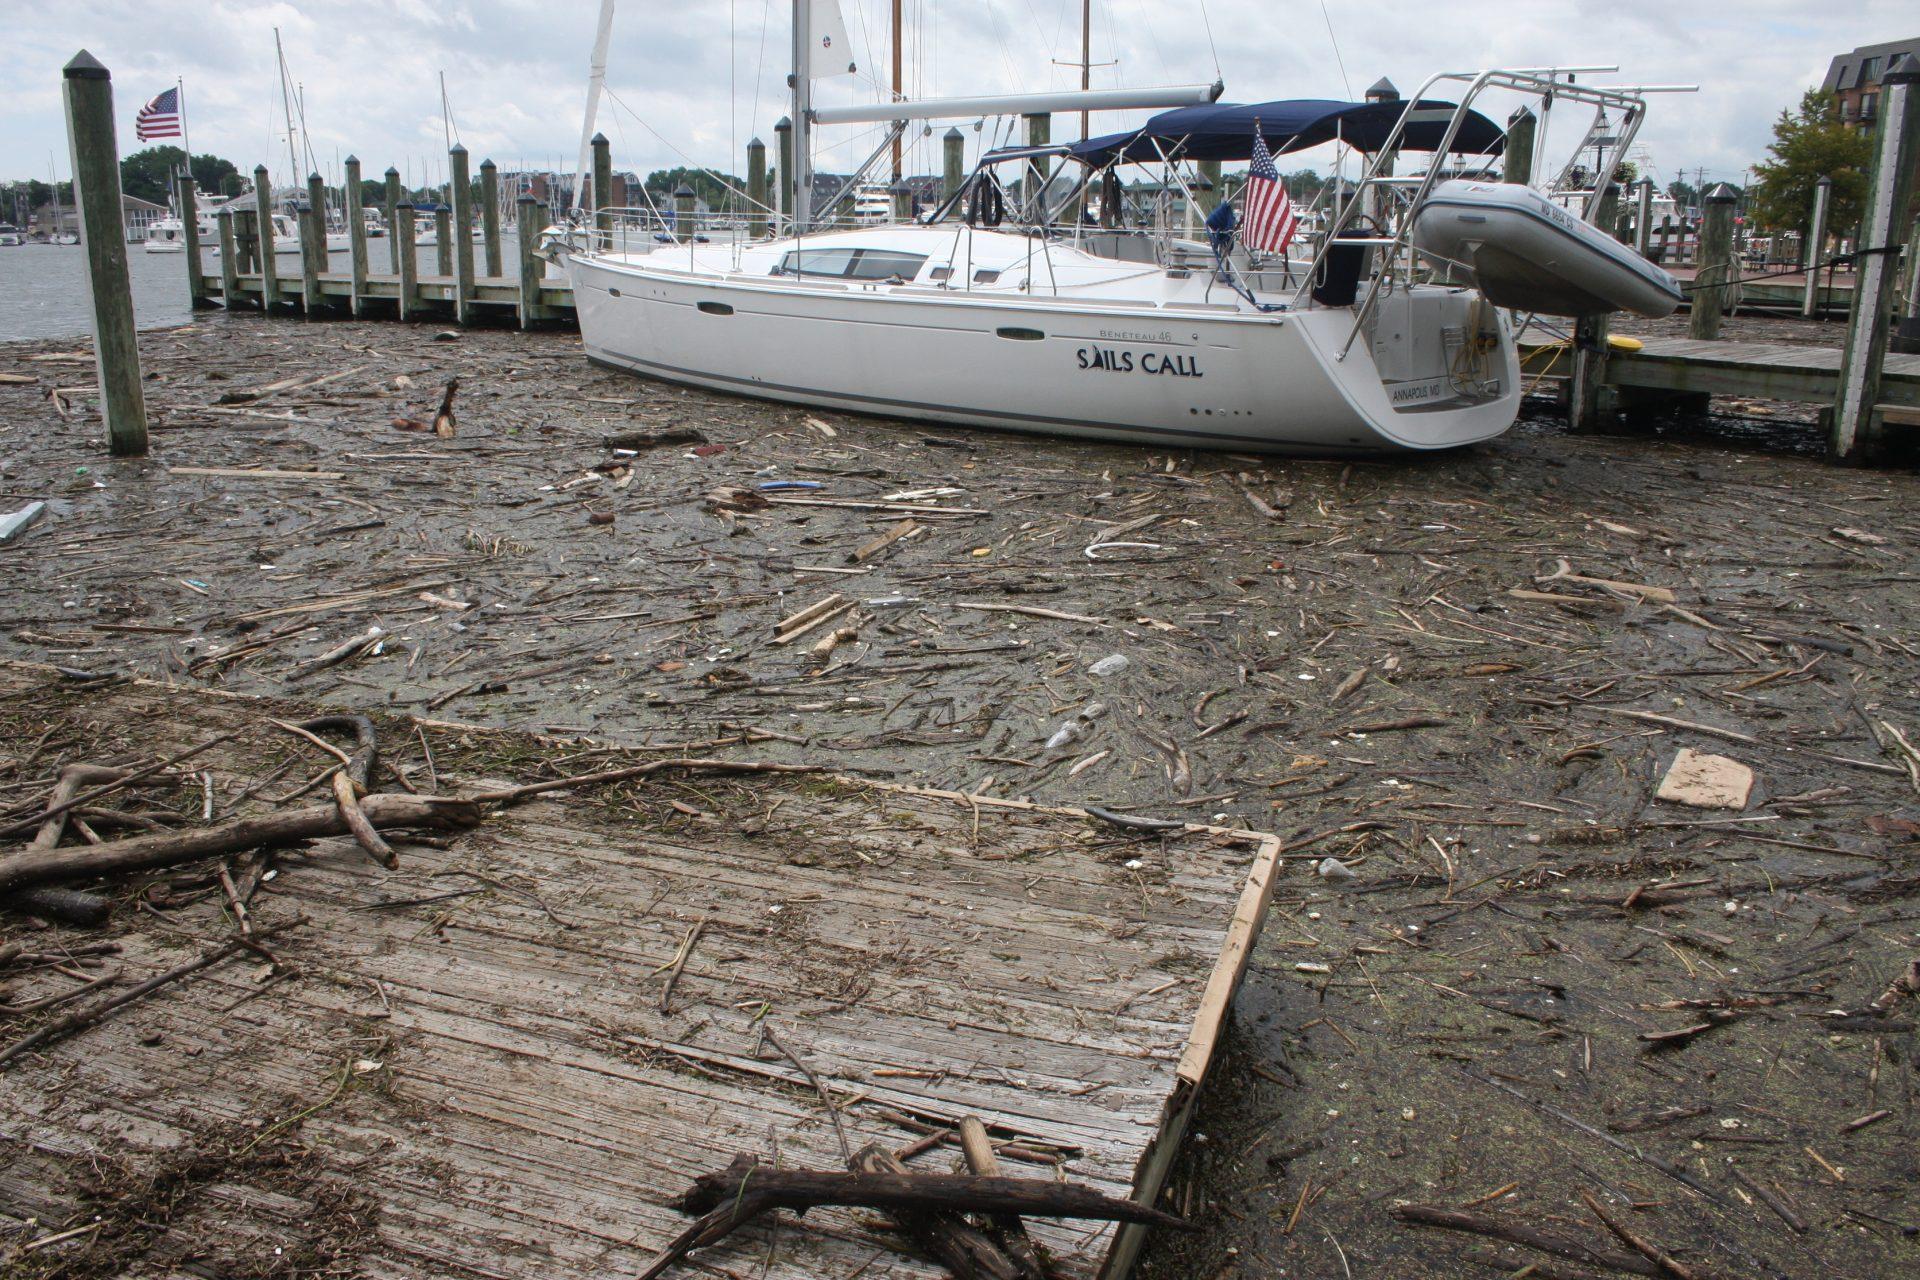 Chesapeake Bay Clean Water Goals